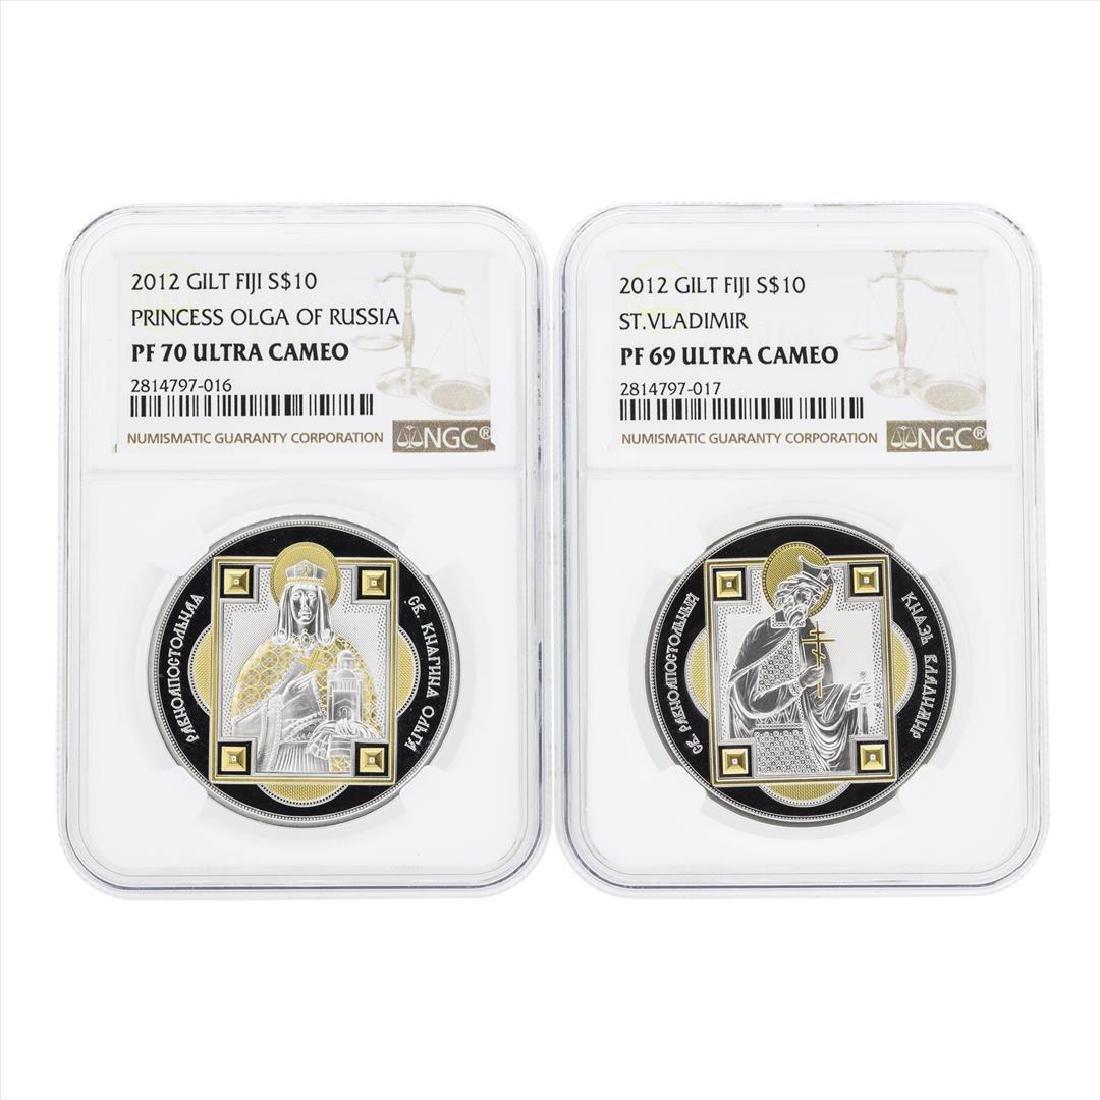 Set of (2) 2012 Gilt Fiji $10 Silver Coins NGC PF70